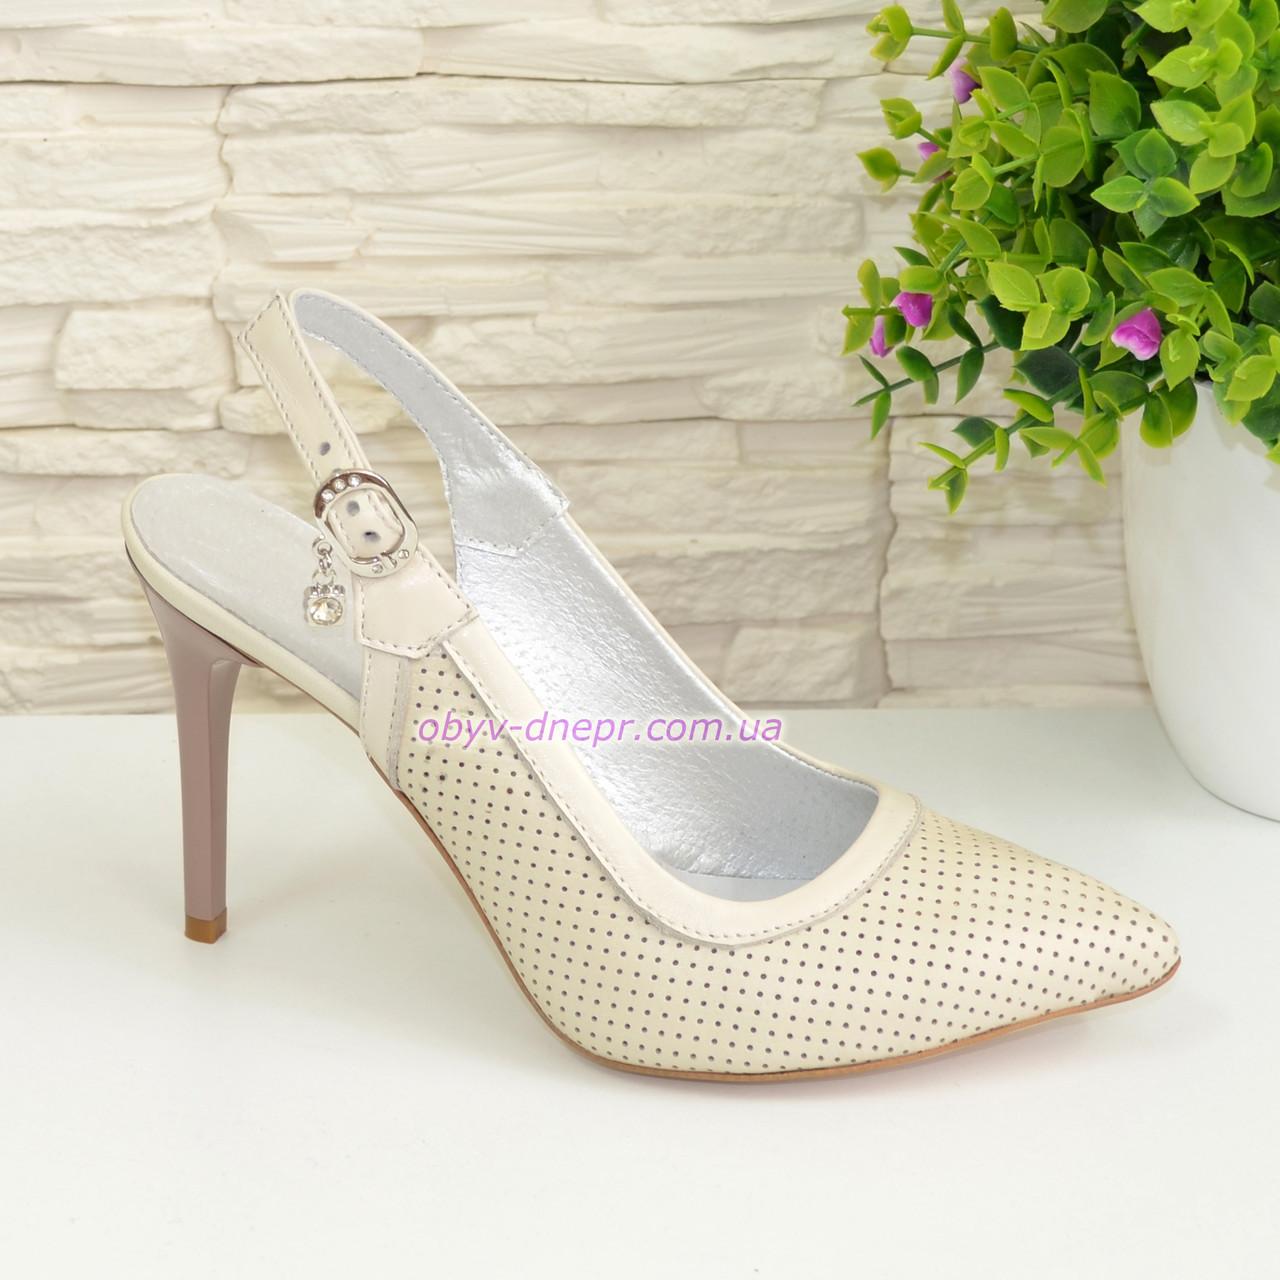 bb50332960eb Купить Стильные туфли женские на шпильке, натуральная бежевая кожа в Днепре  от ...